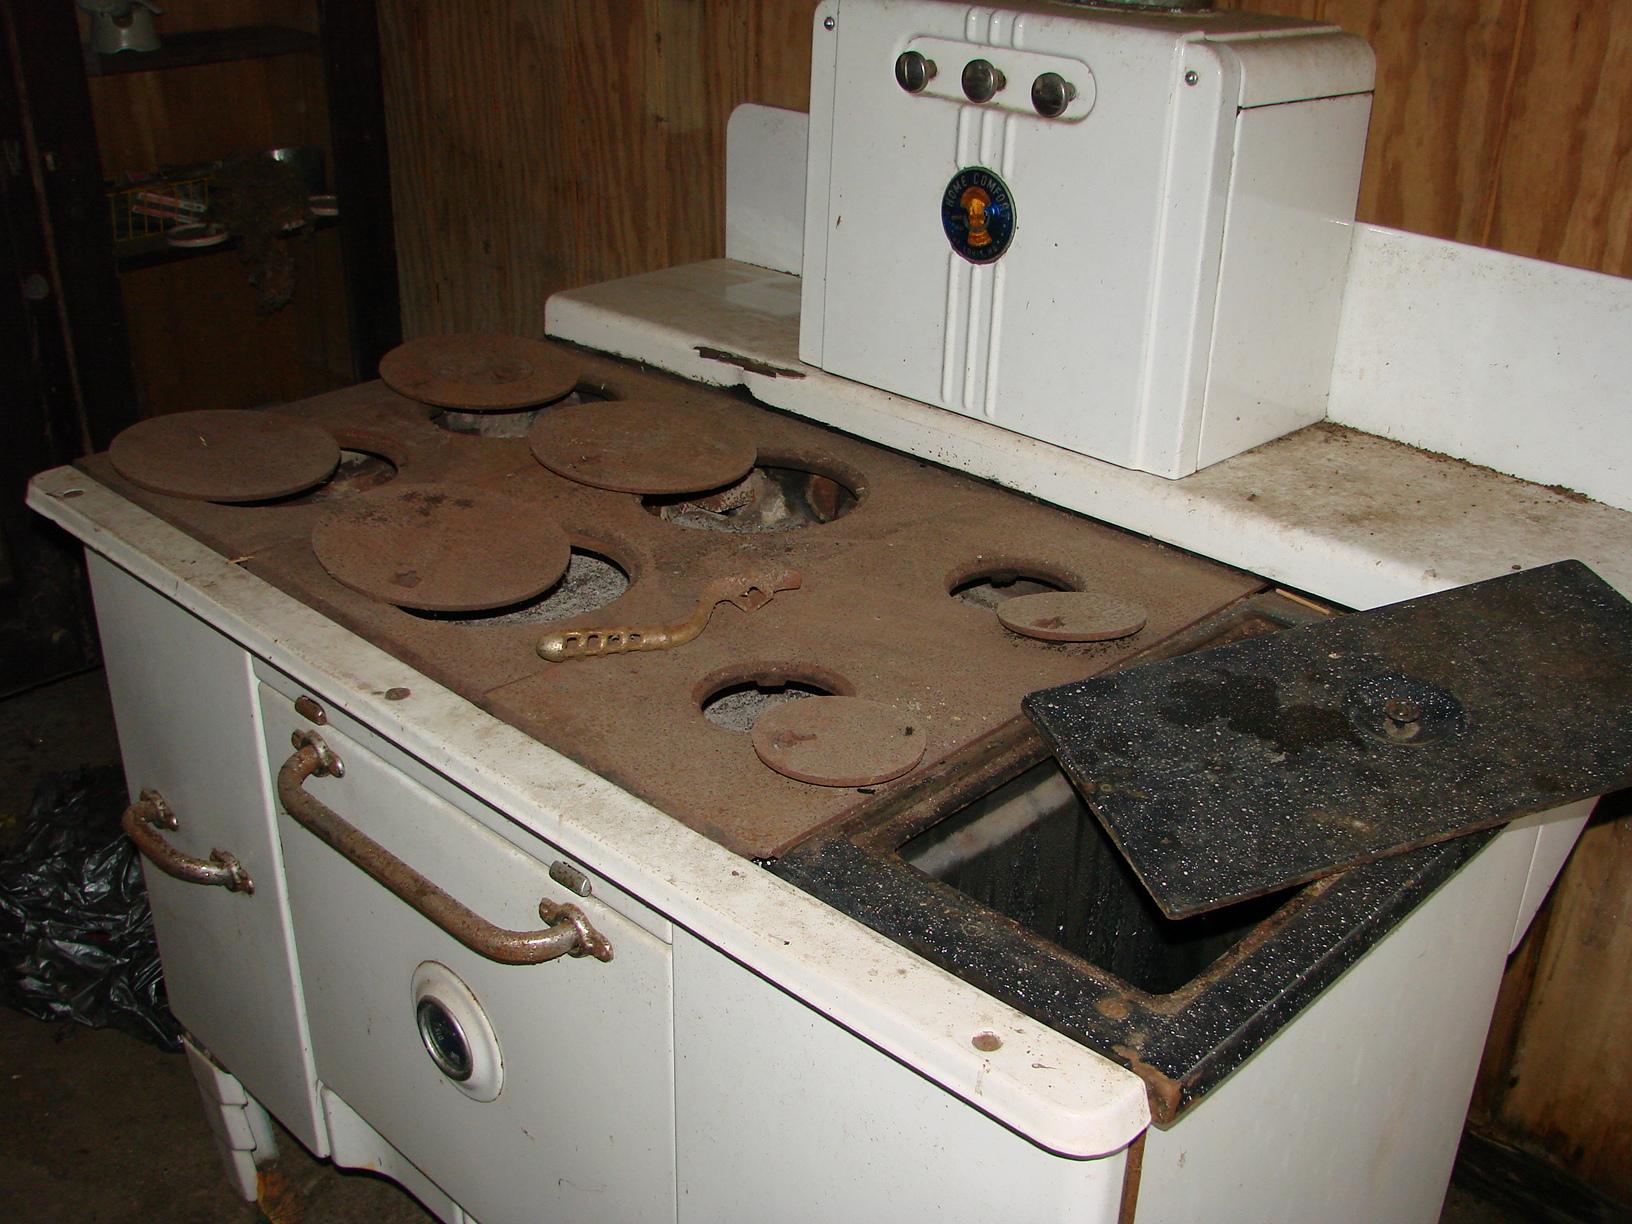 home comfort range model da 127881 for sale antiques